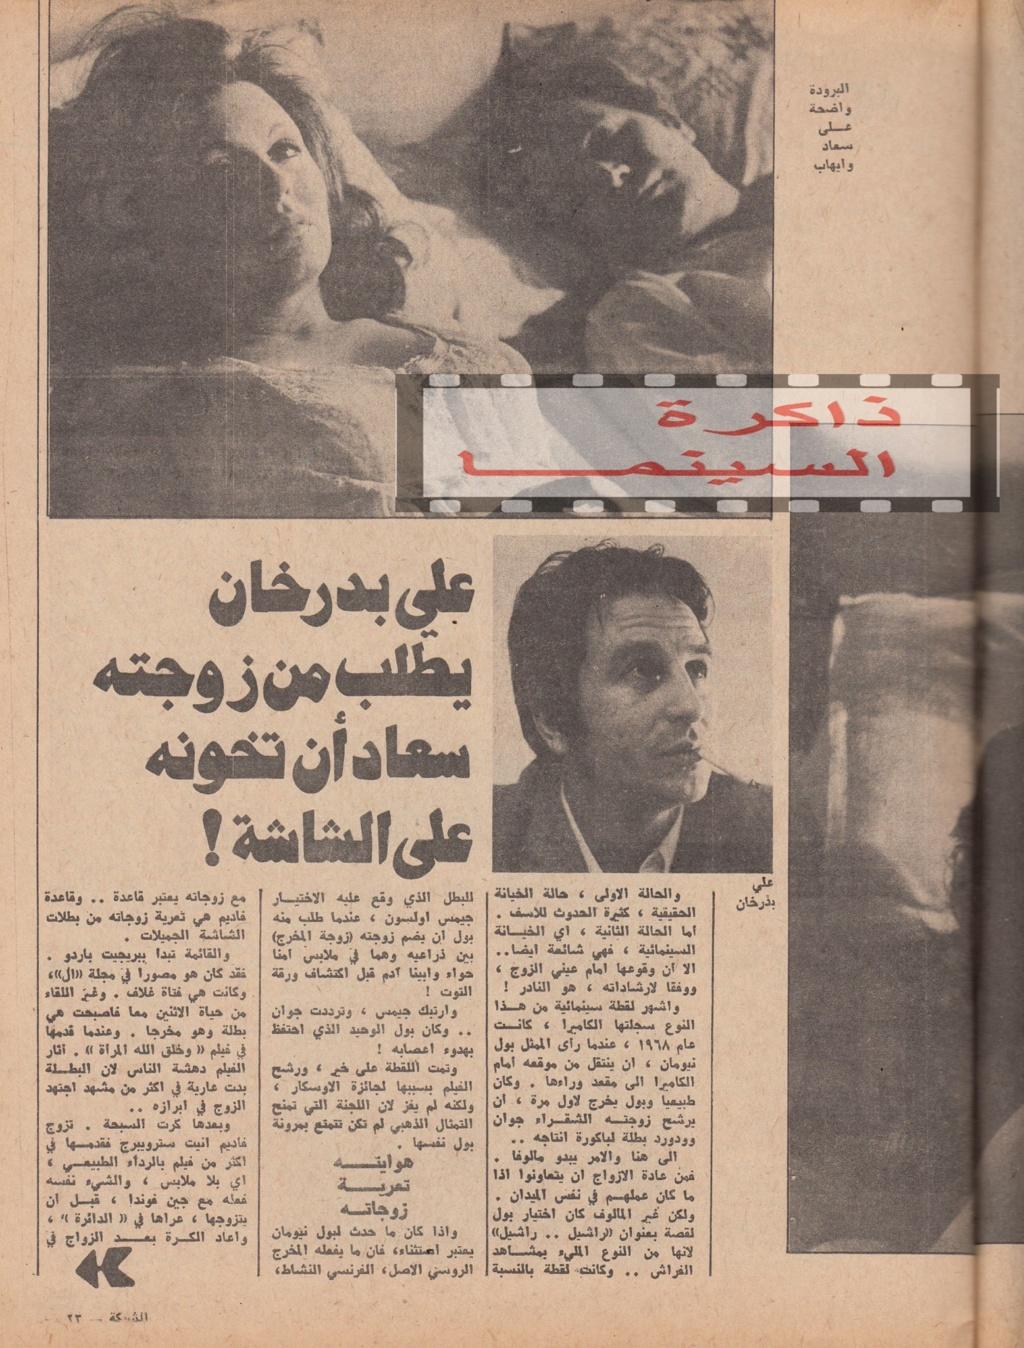 مقال - مقال صحفي : سعاد حسني والحب البارد 1972 م 2153